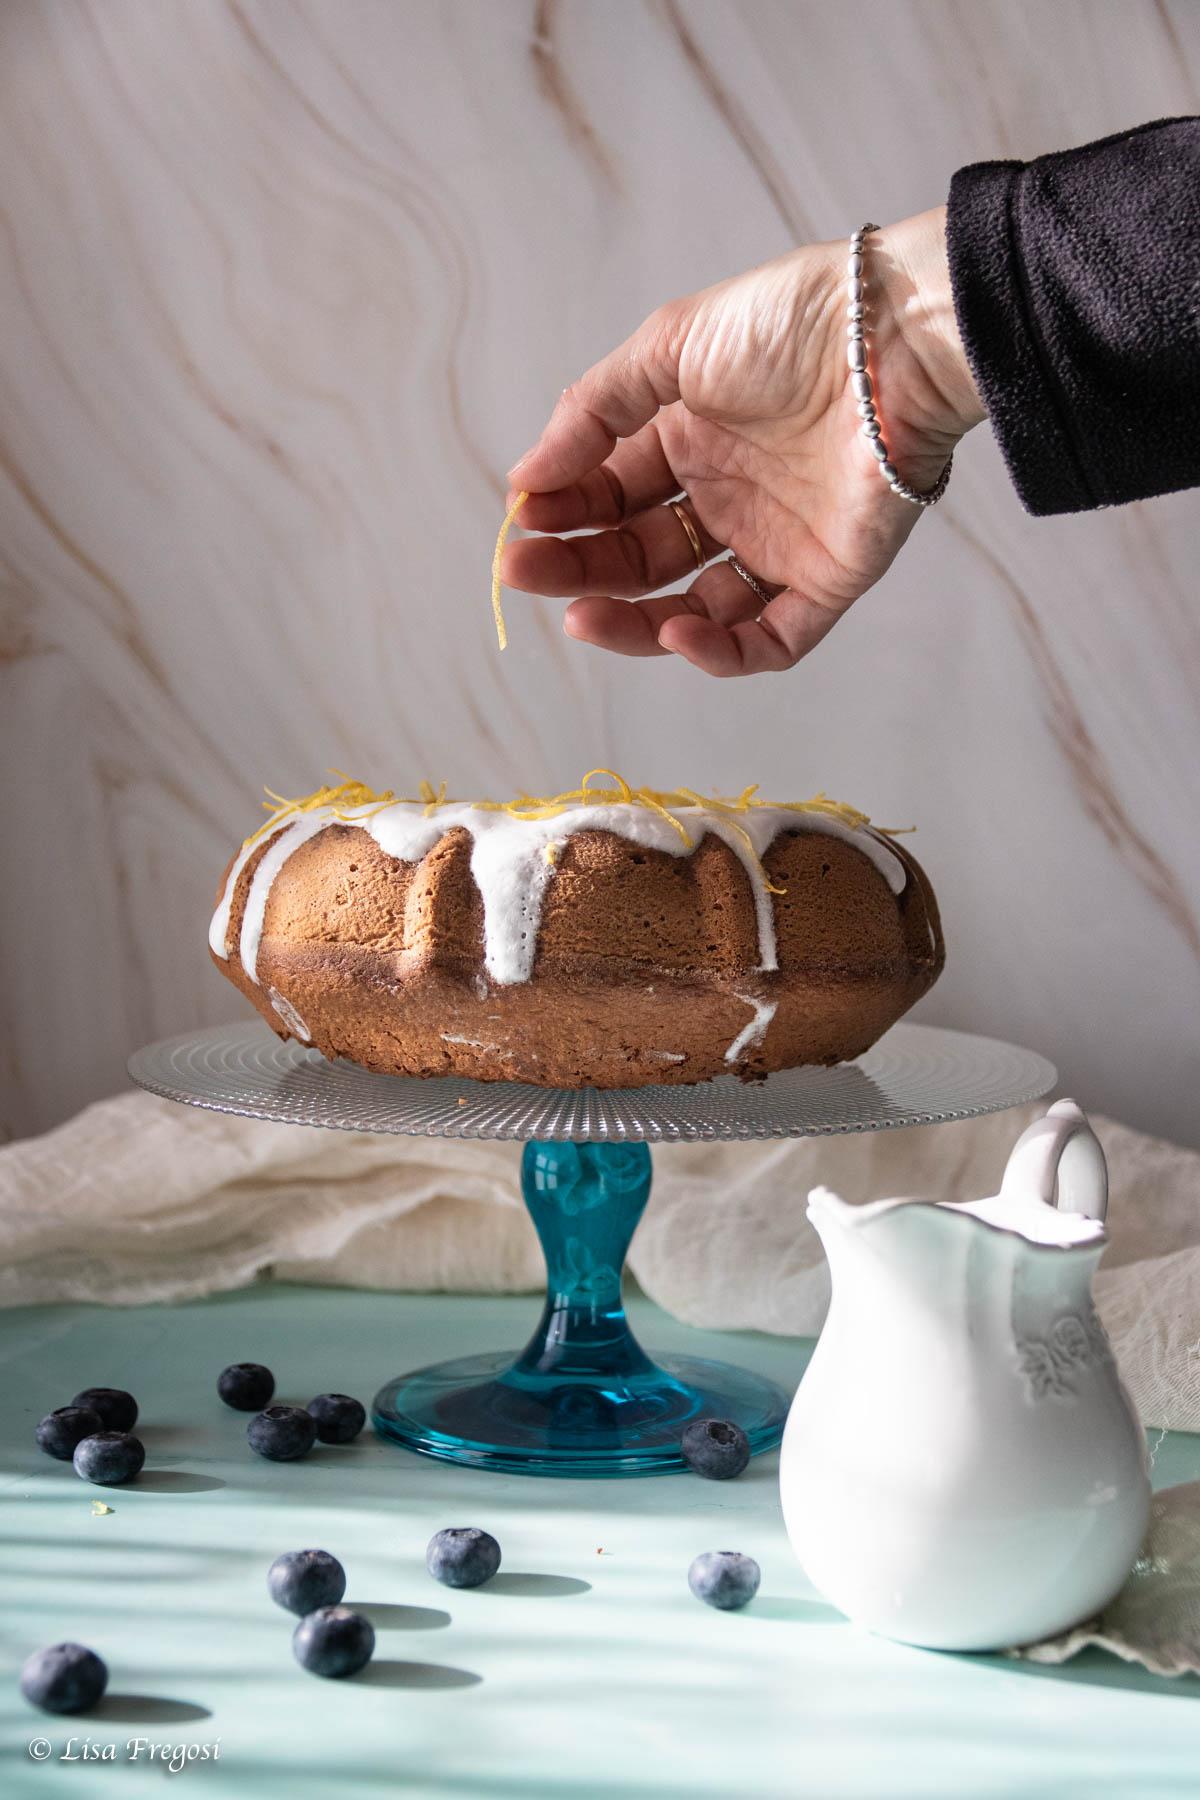 Torta cocco e mirtilli con glassa al limone